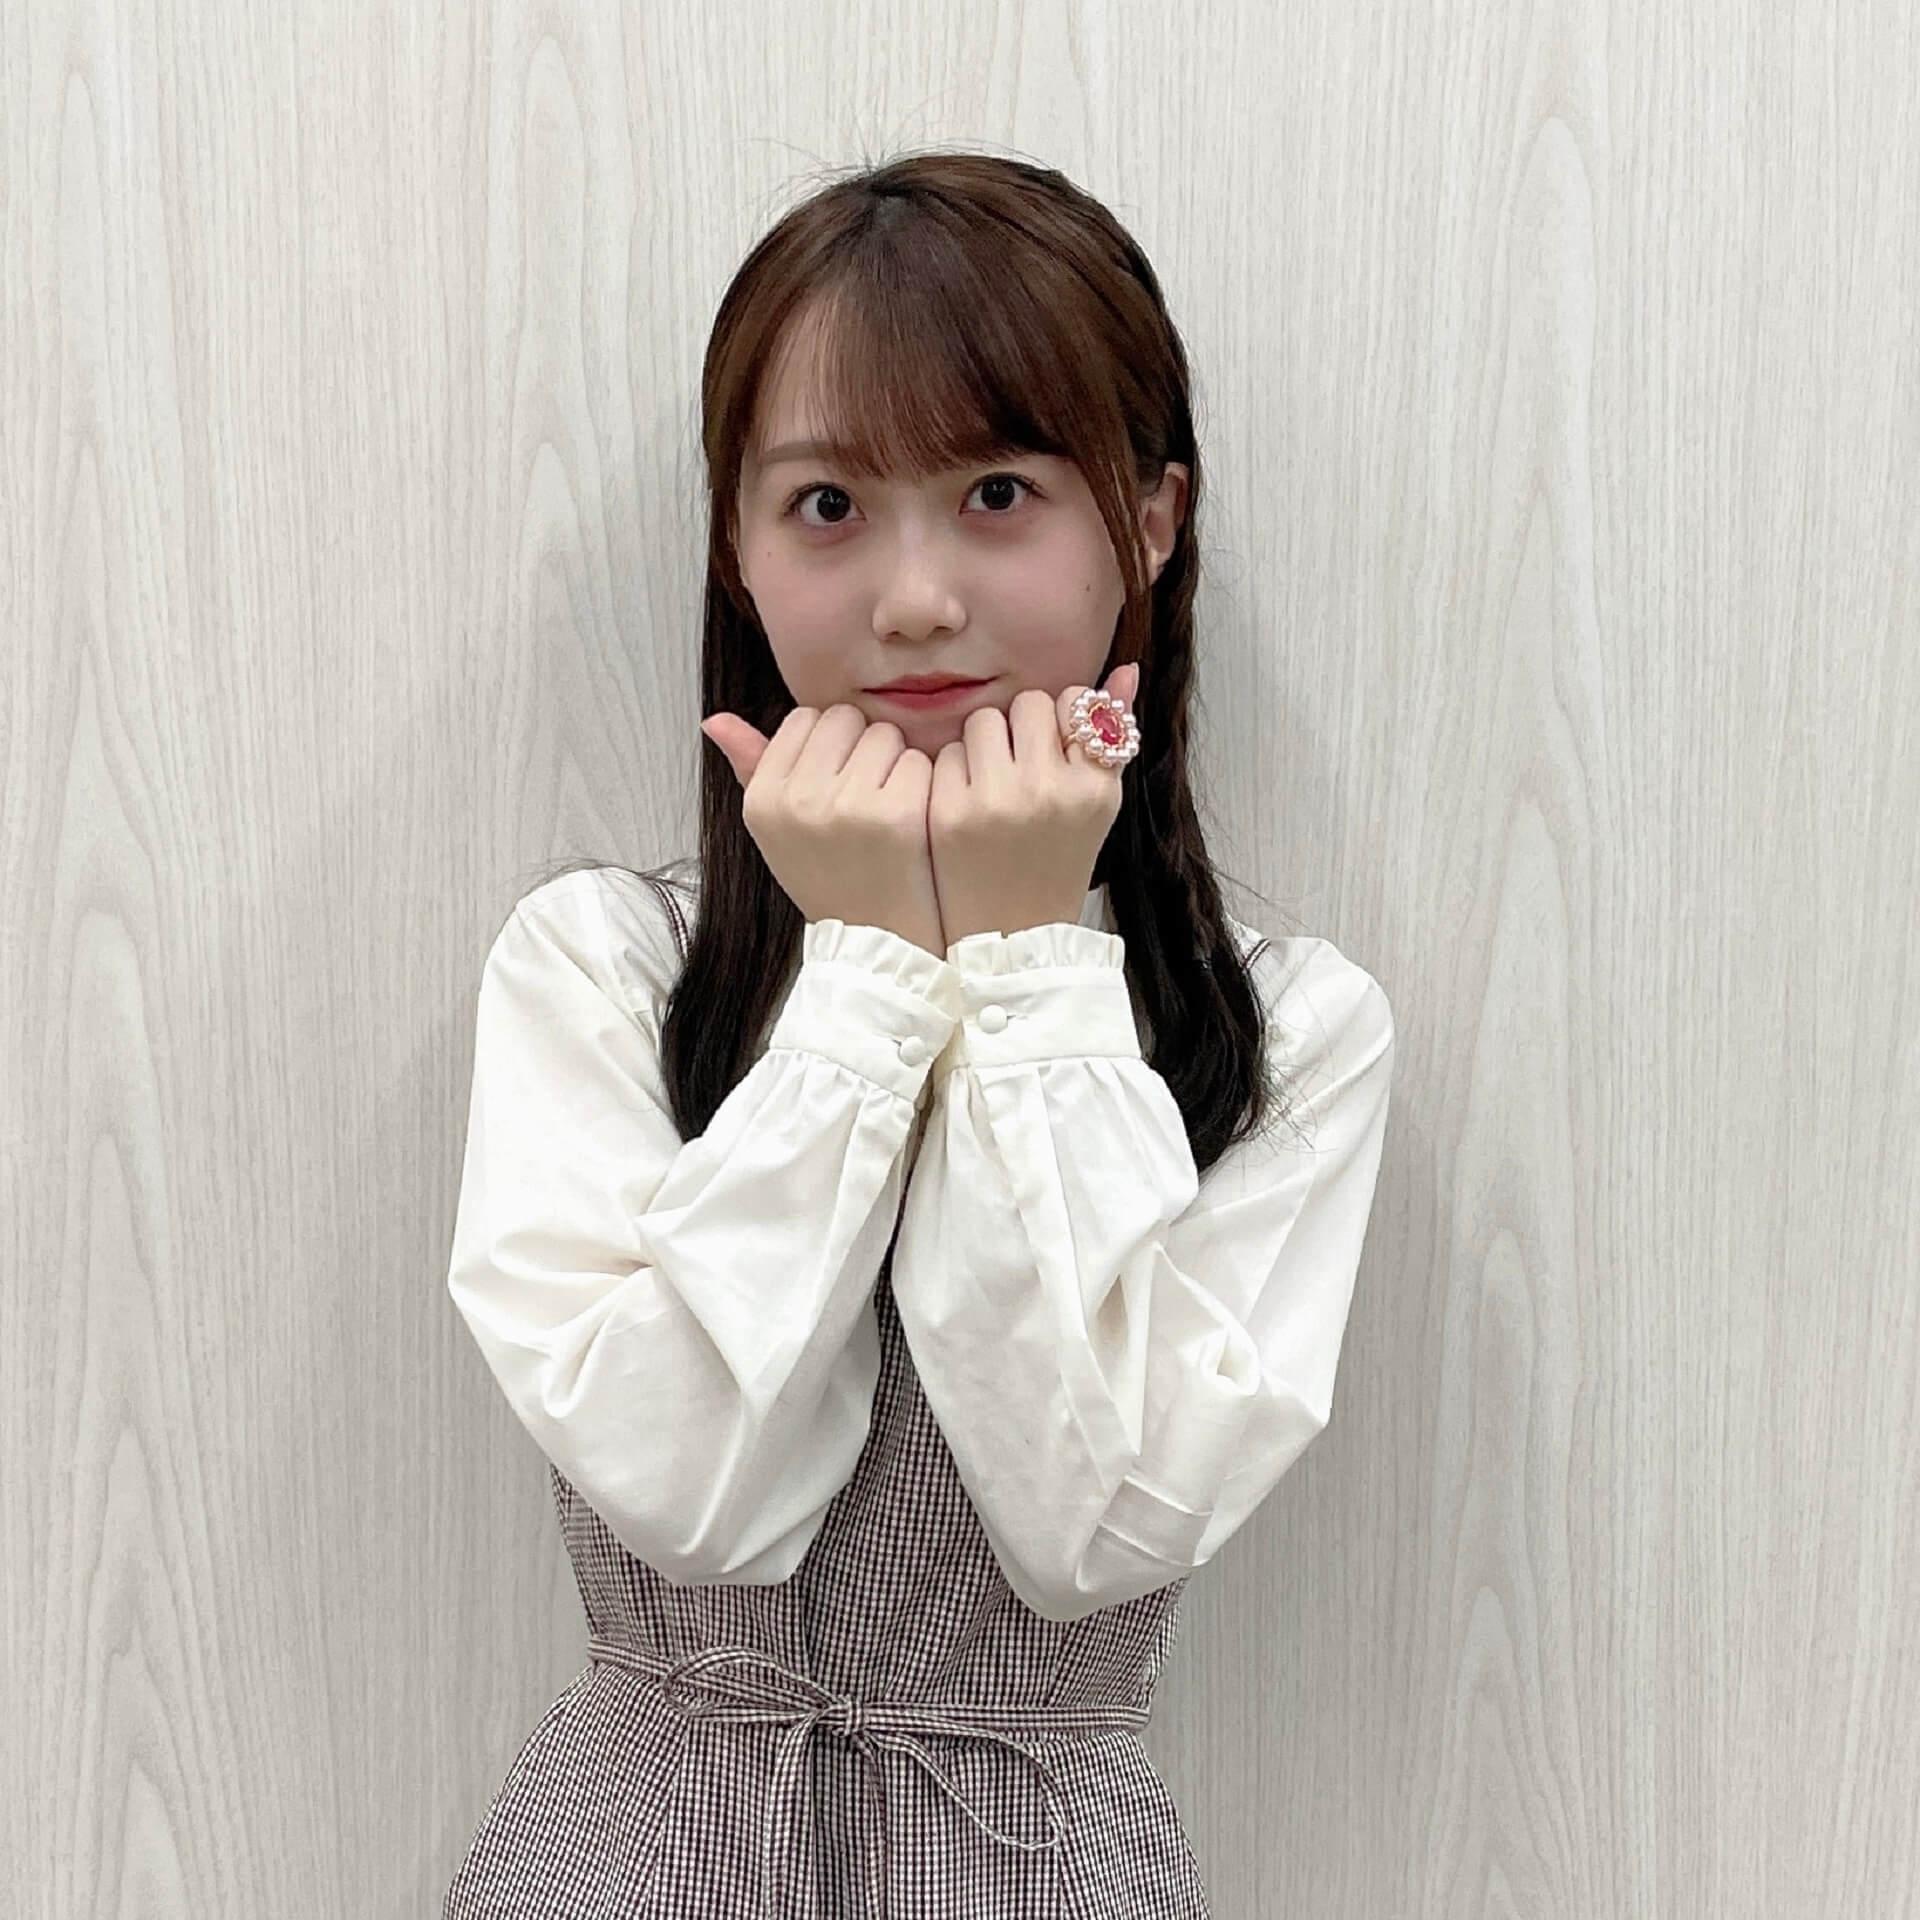 乃木坂46・矢久保美緒が語るオーディション秘話